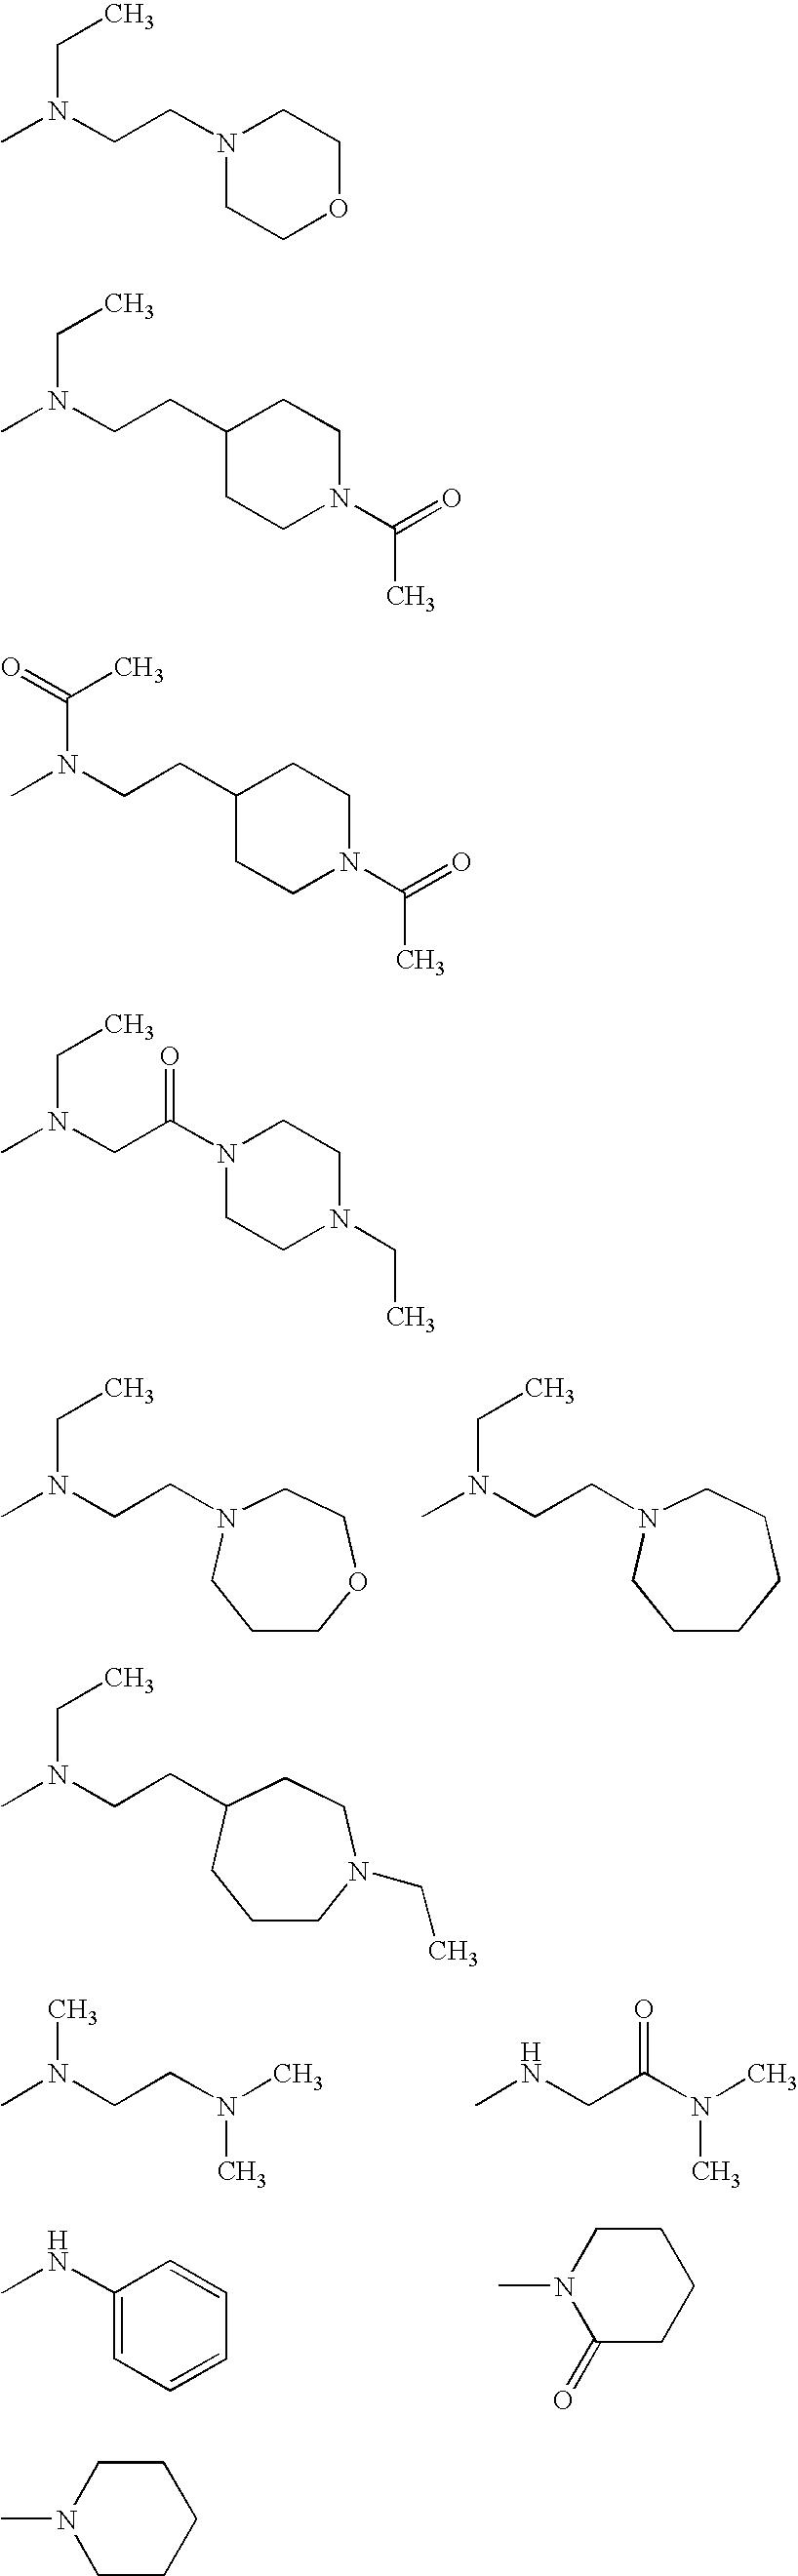 Figure US20070049593A1-20070301-C00243